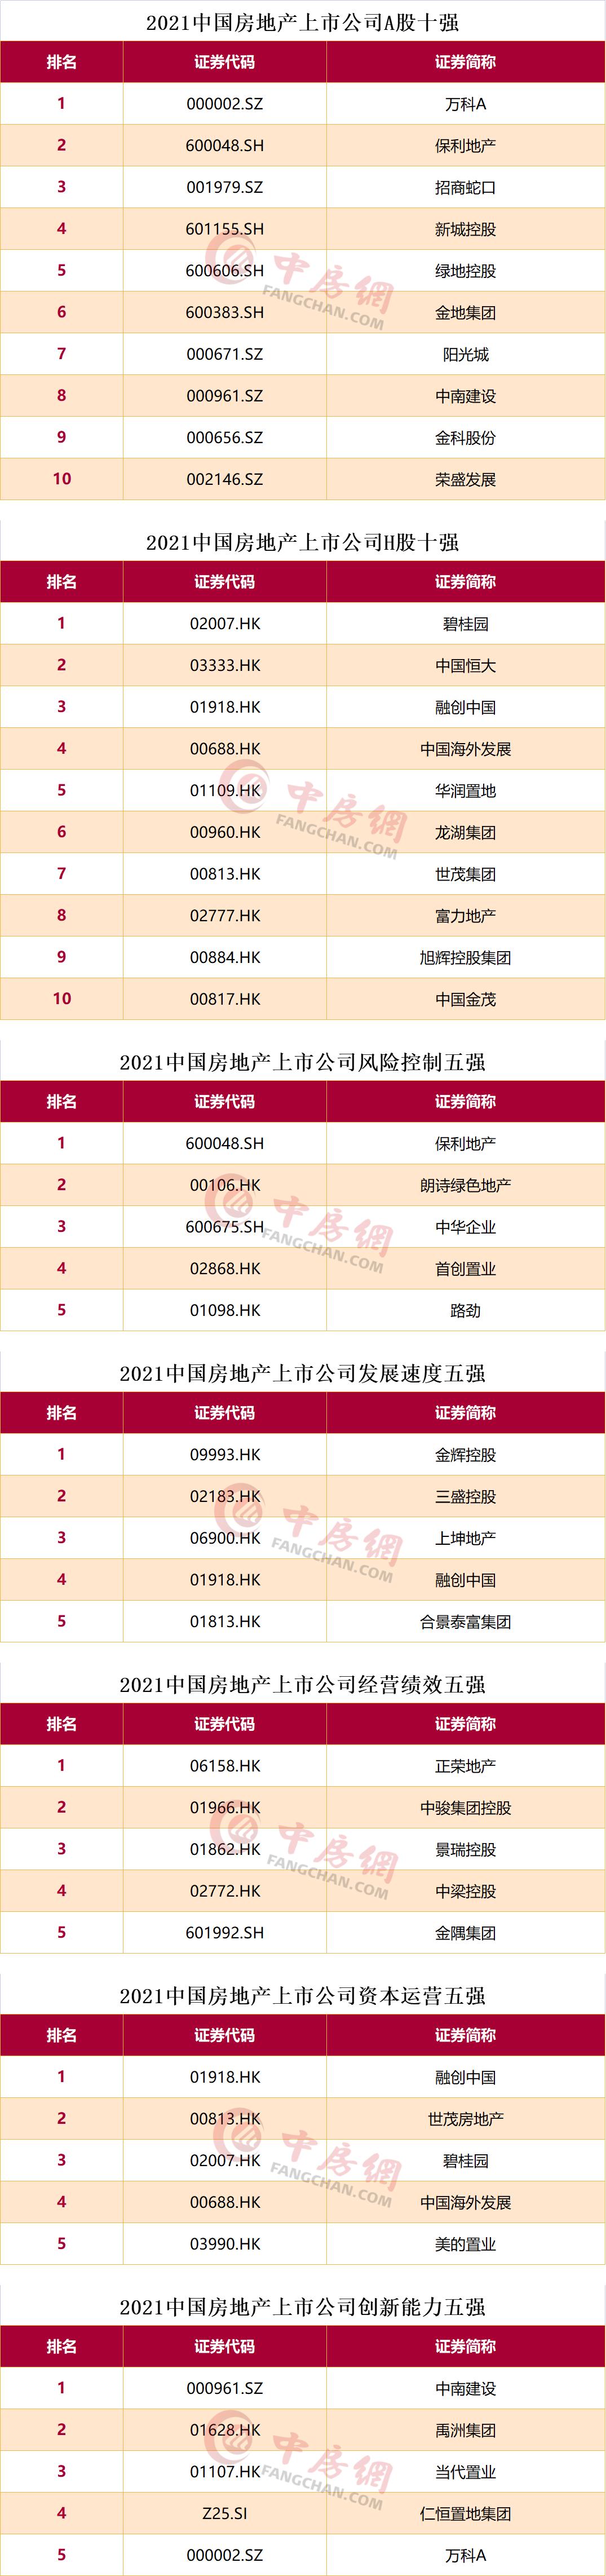 2021中国房地产上市公司单项榜